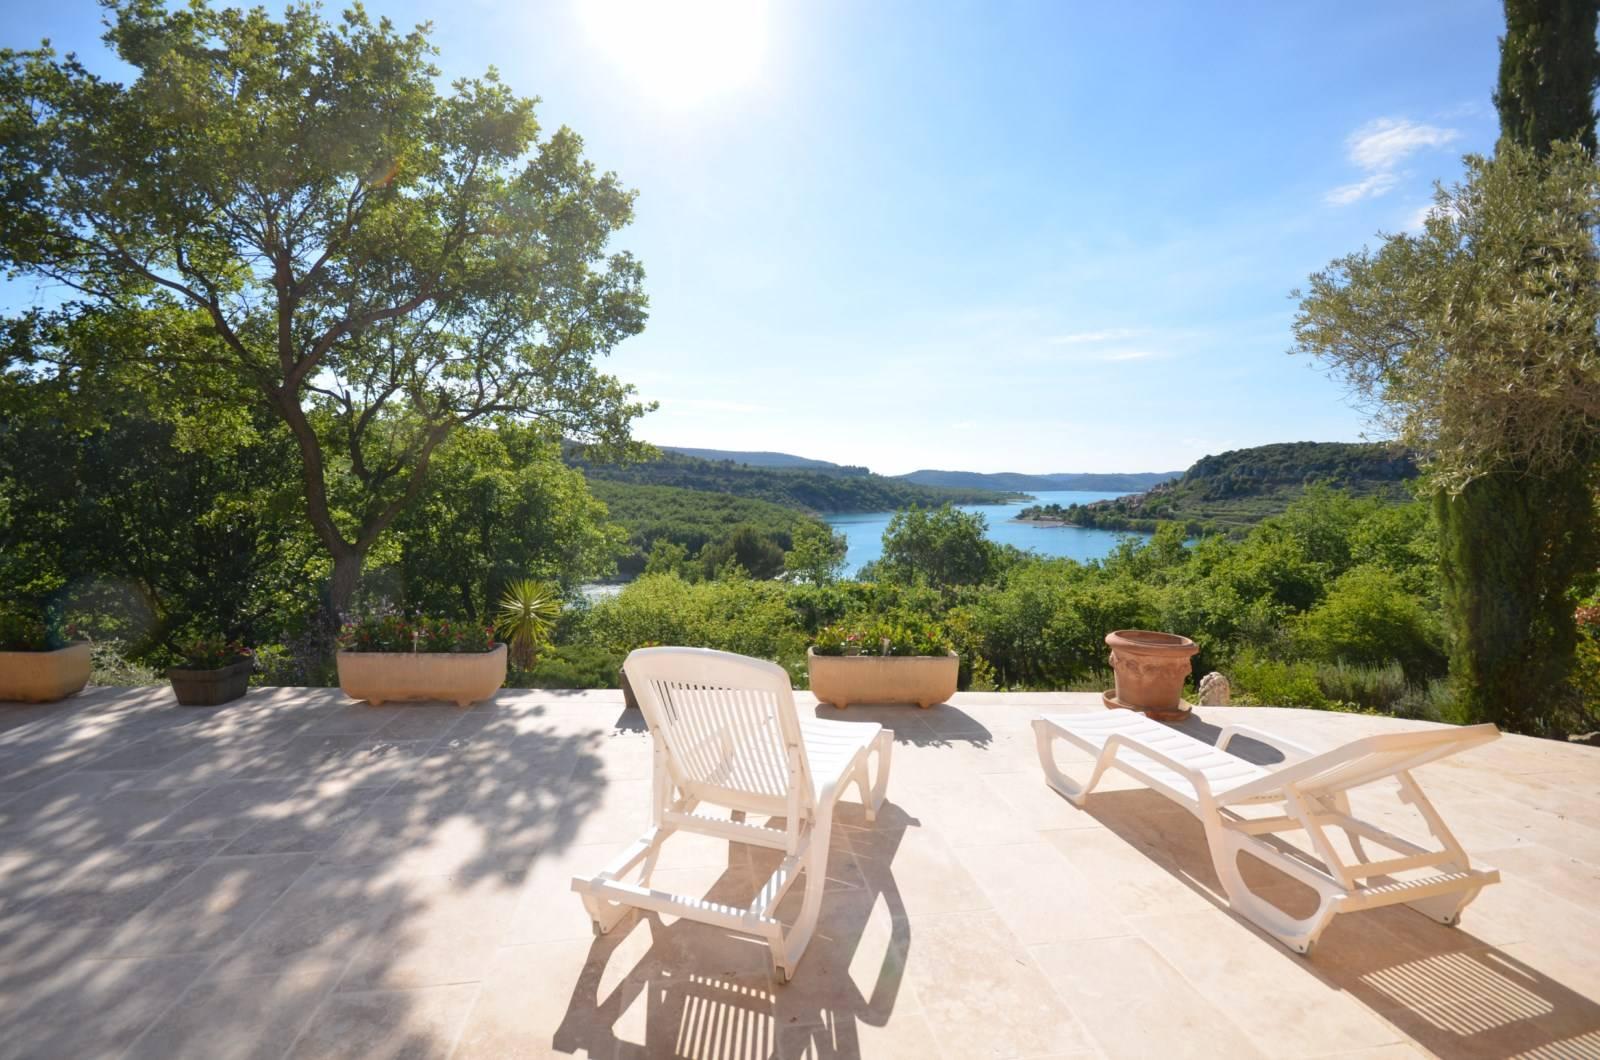 Vente Villa  T5 BAUDUEN Lac de Sainte-Croix, Parc Naturel Régional du Verdon VUE SUR LE LAC